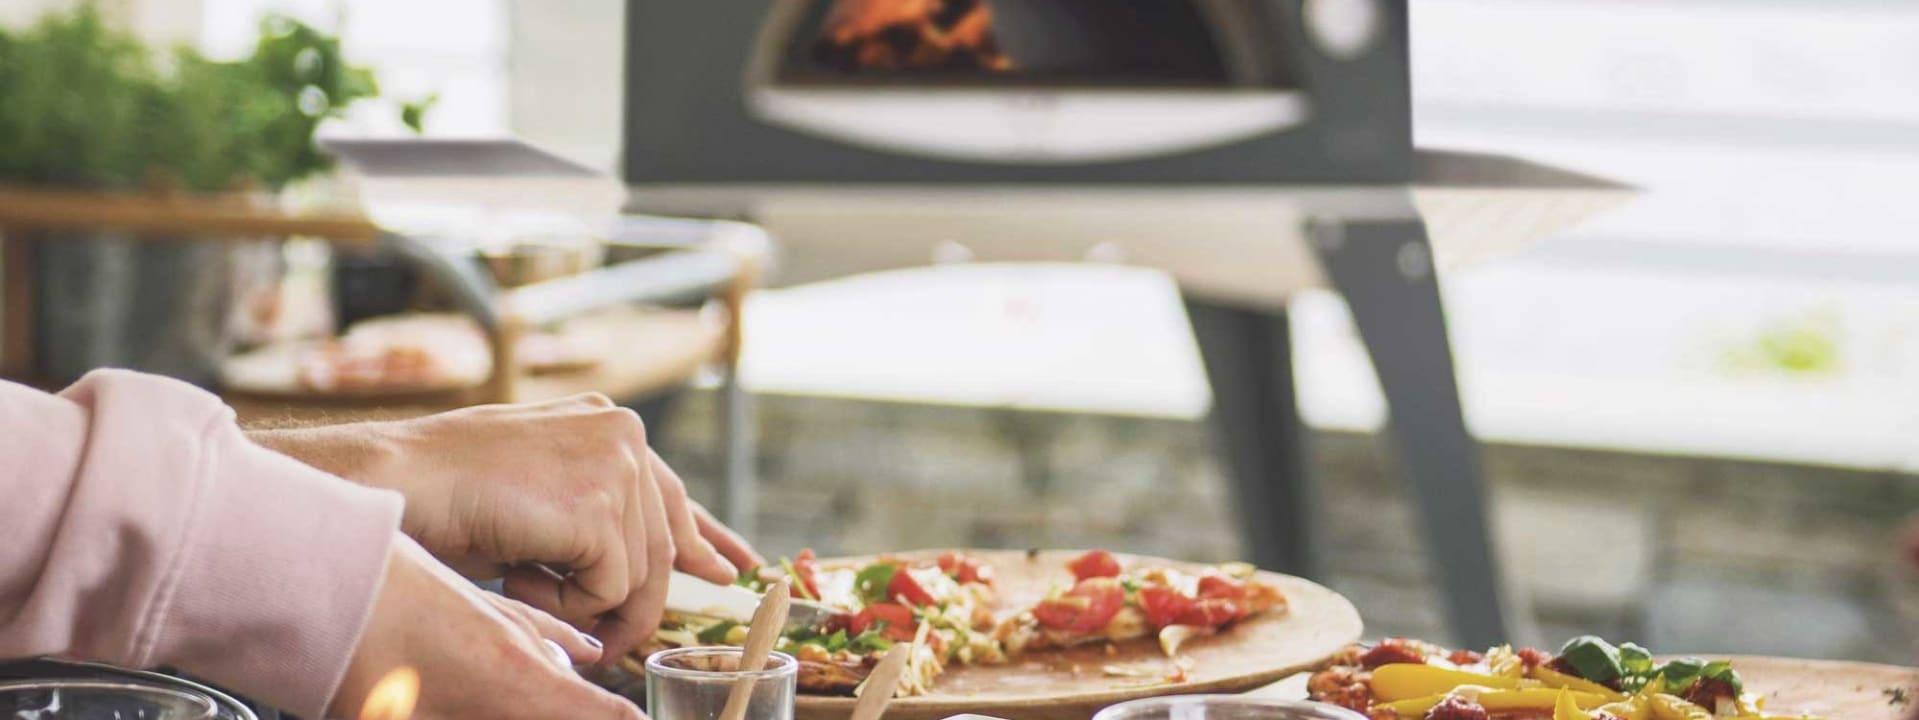 Pizzaovner